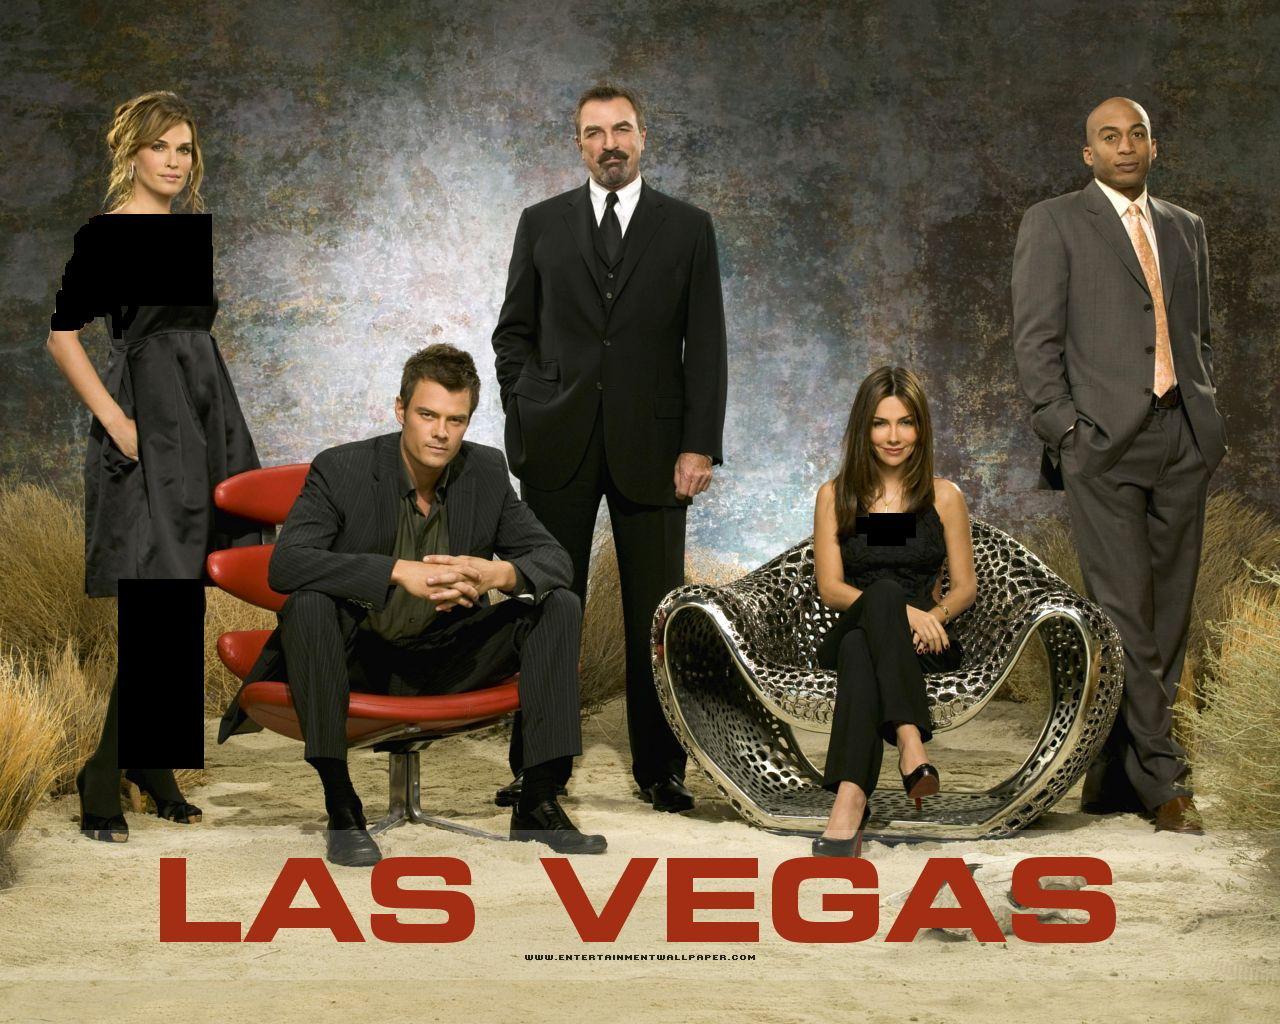 لاس وگاس - 5 فصل کامل - Las Vegas